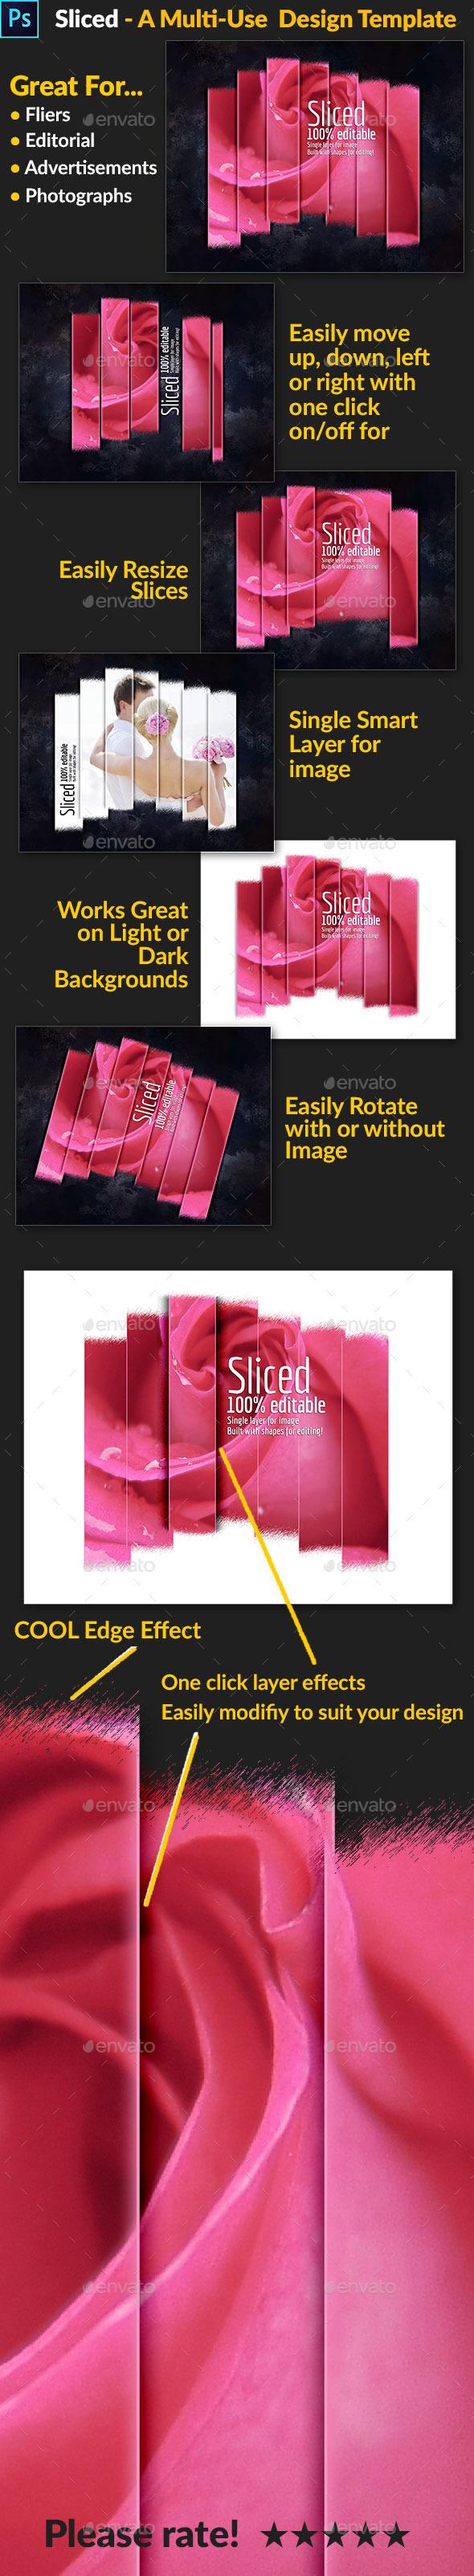 GraphicRiver Sliced A Multi-Use Design Template 9160073